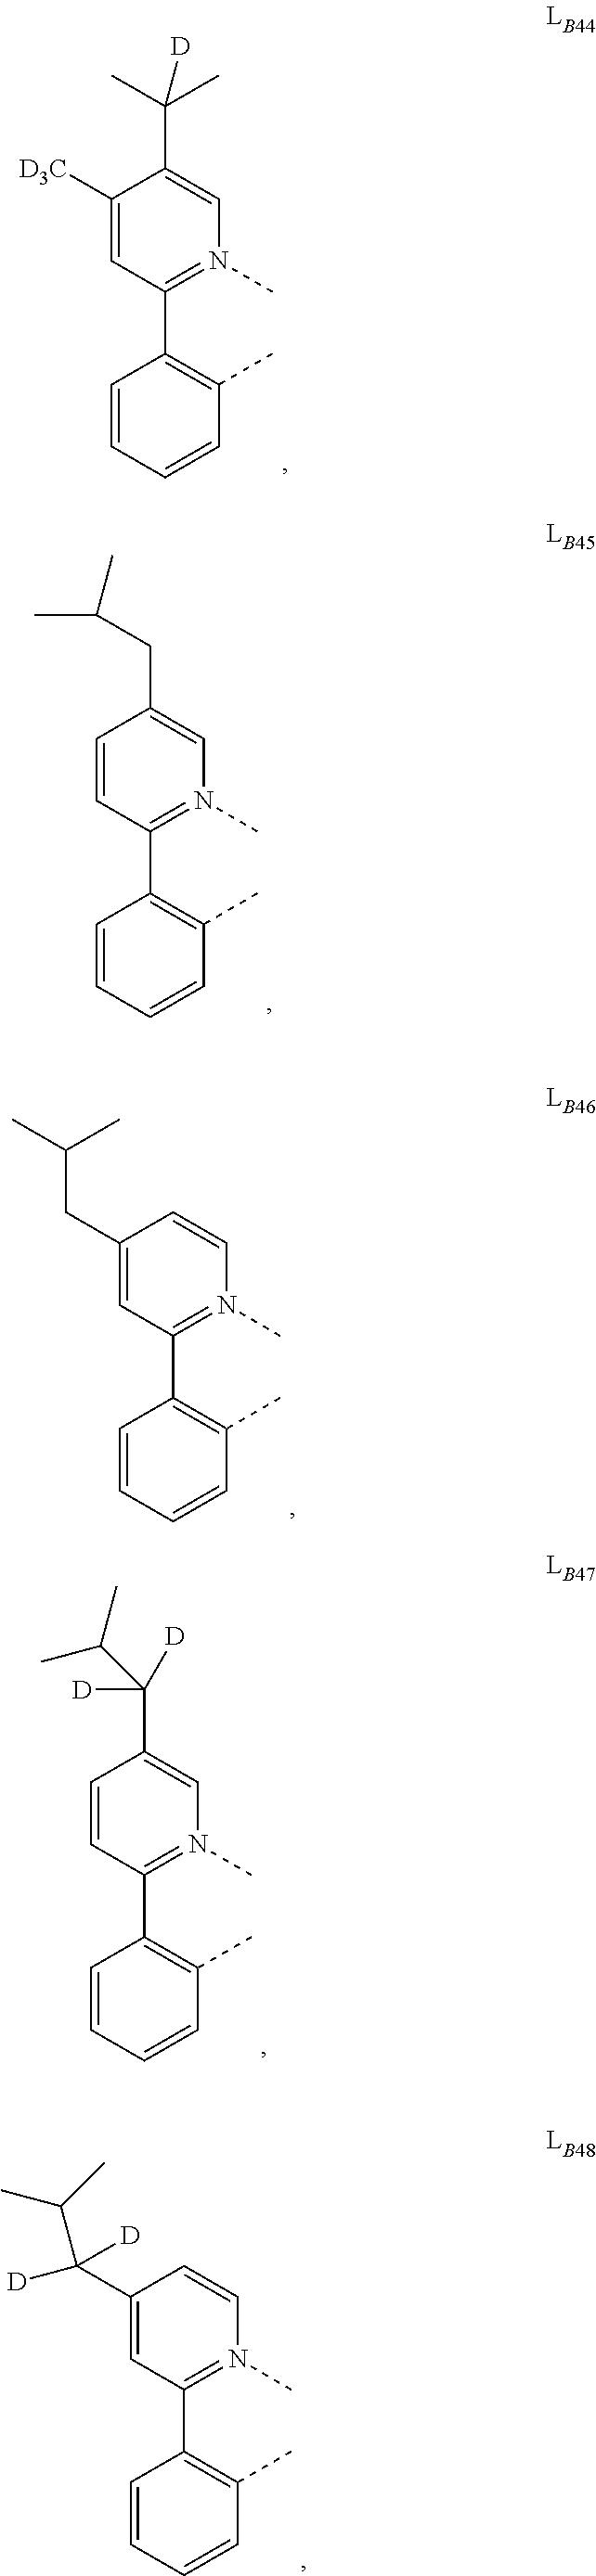 Figure US20160049599A1-20160218-C00122